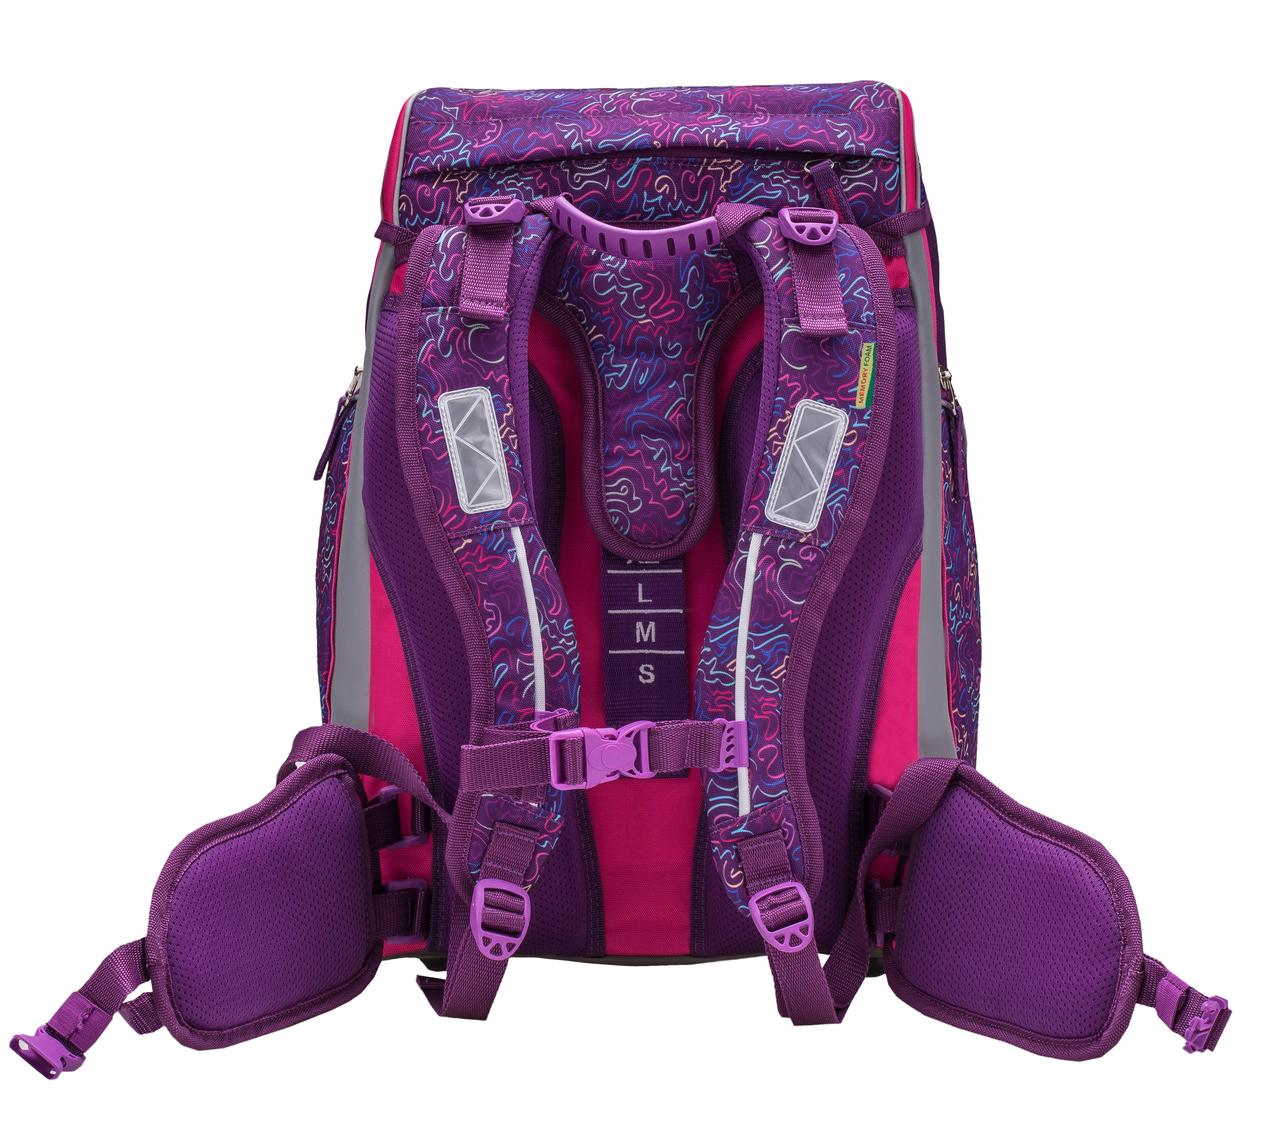 Ранец-рюкзак Belmil Comfy Pack 405-11/684 цвет Pop Art + дождевик, - фото 6